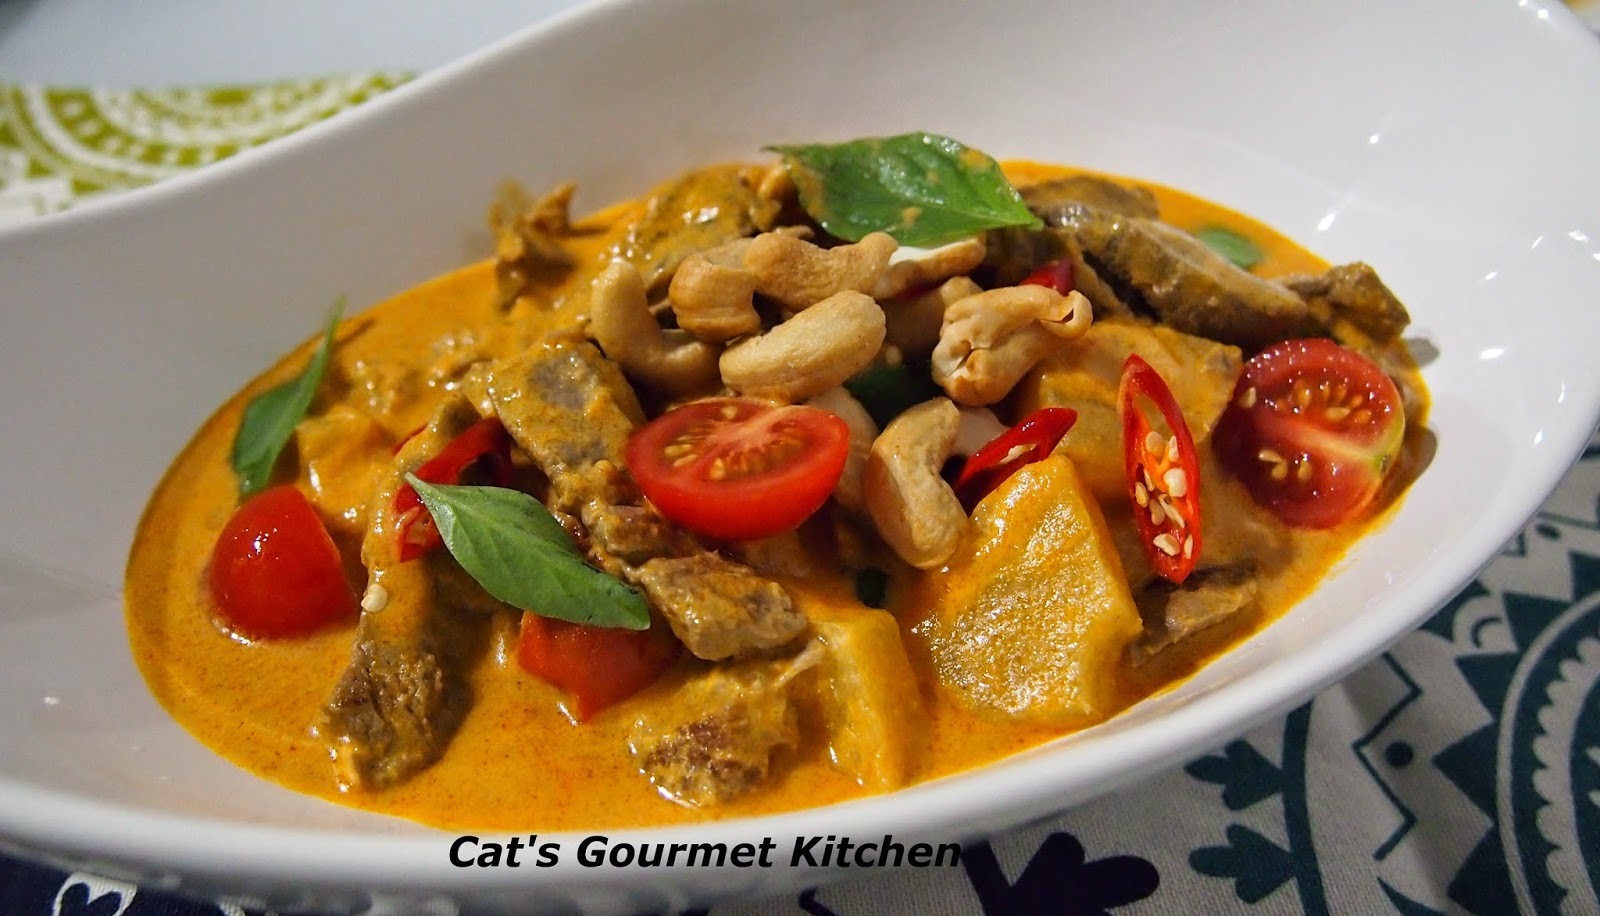 泰式紅咖喱牛肉 Thai Red Curry with Beef - 主菜 -